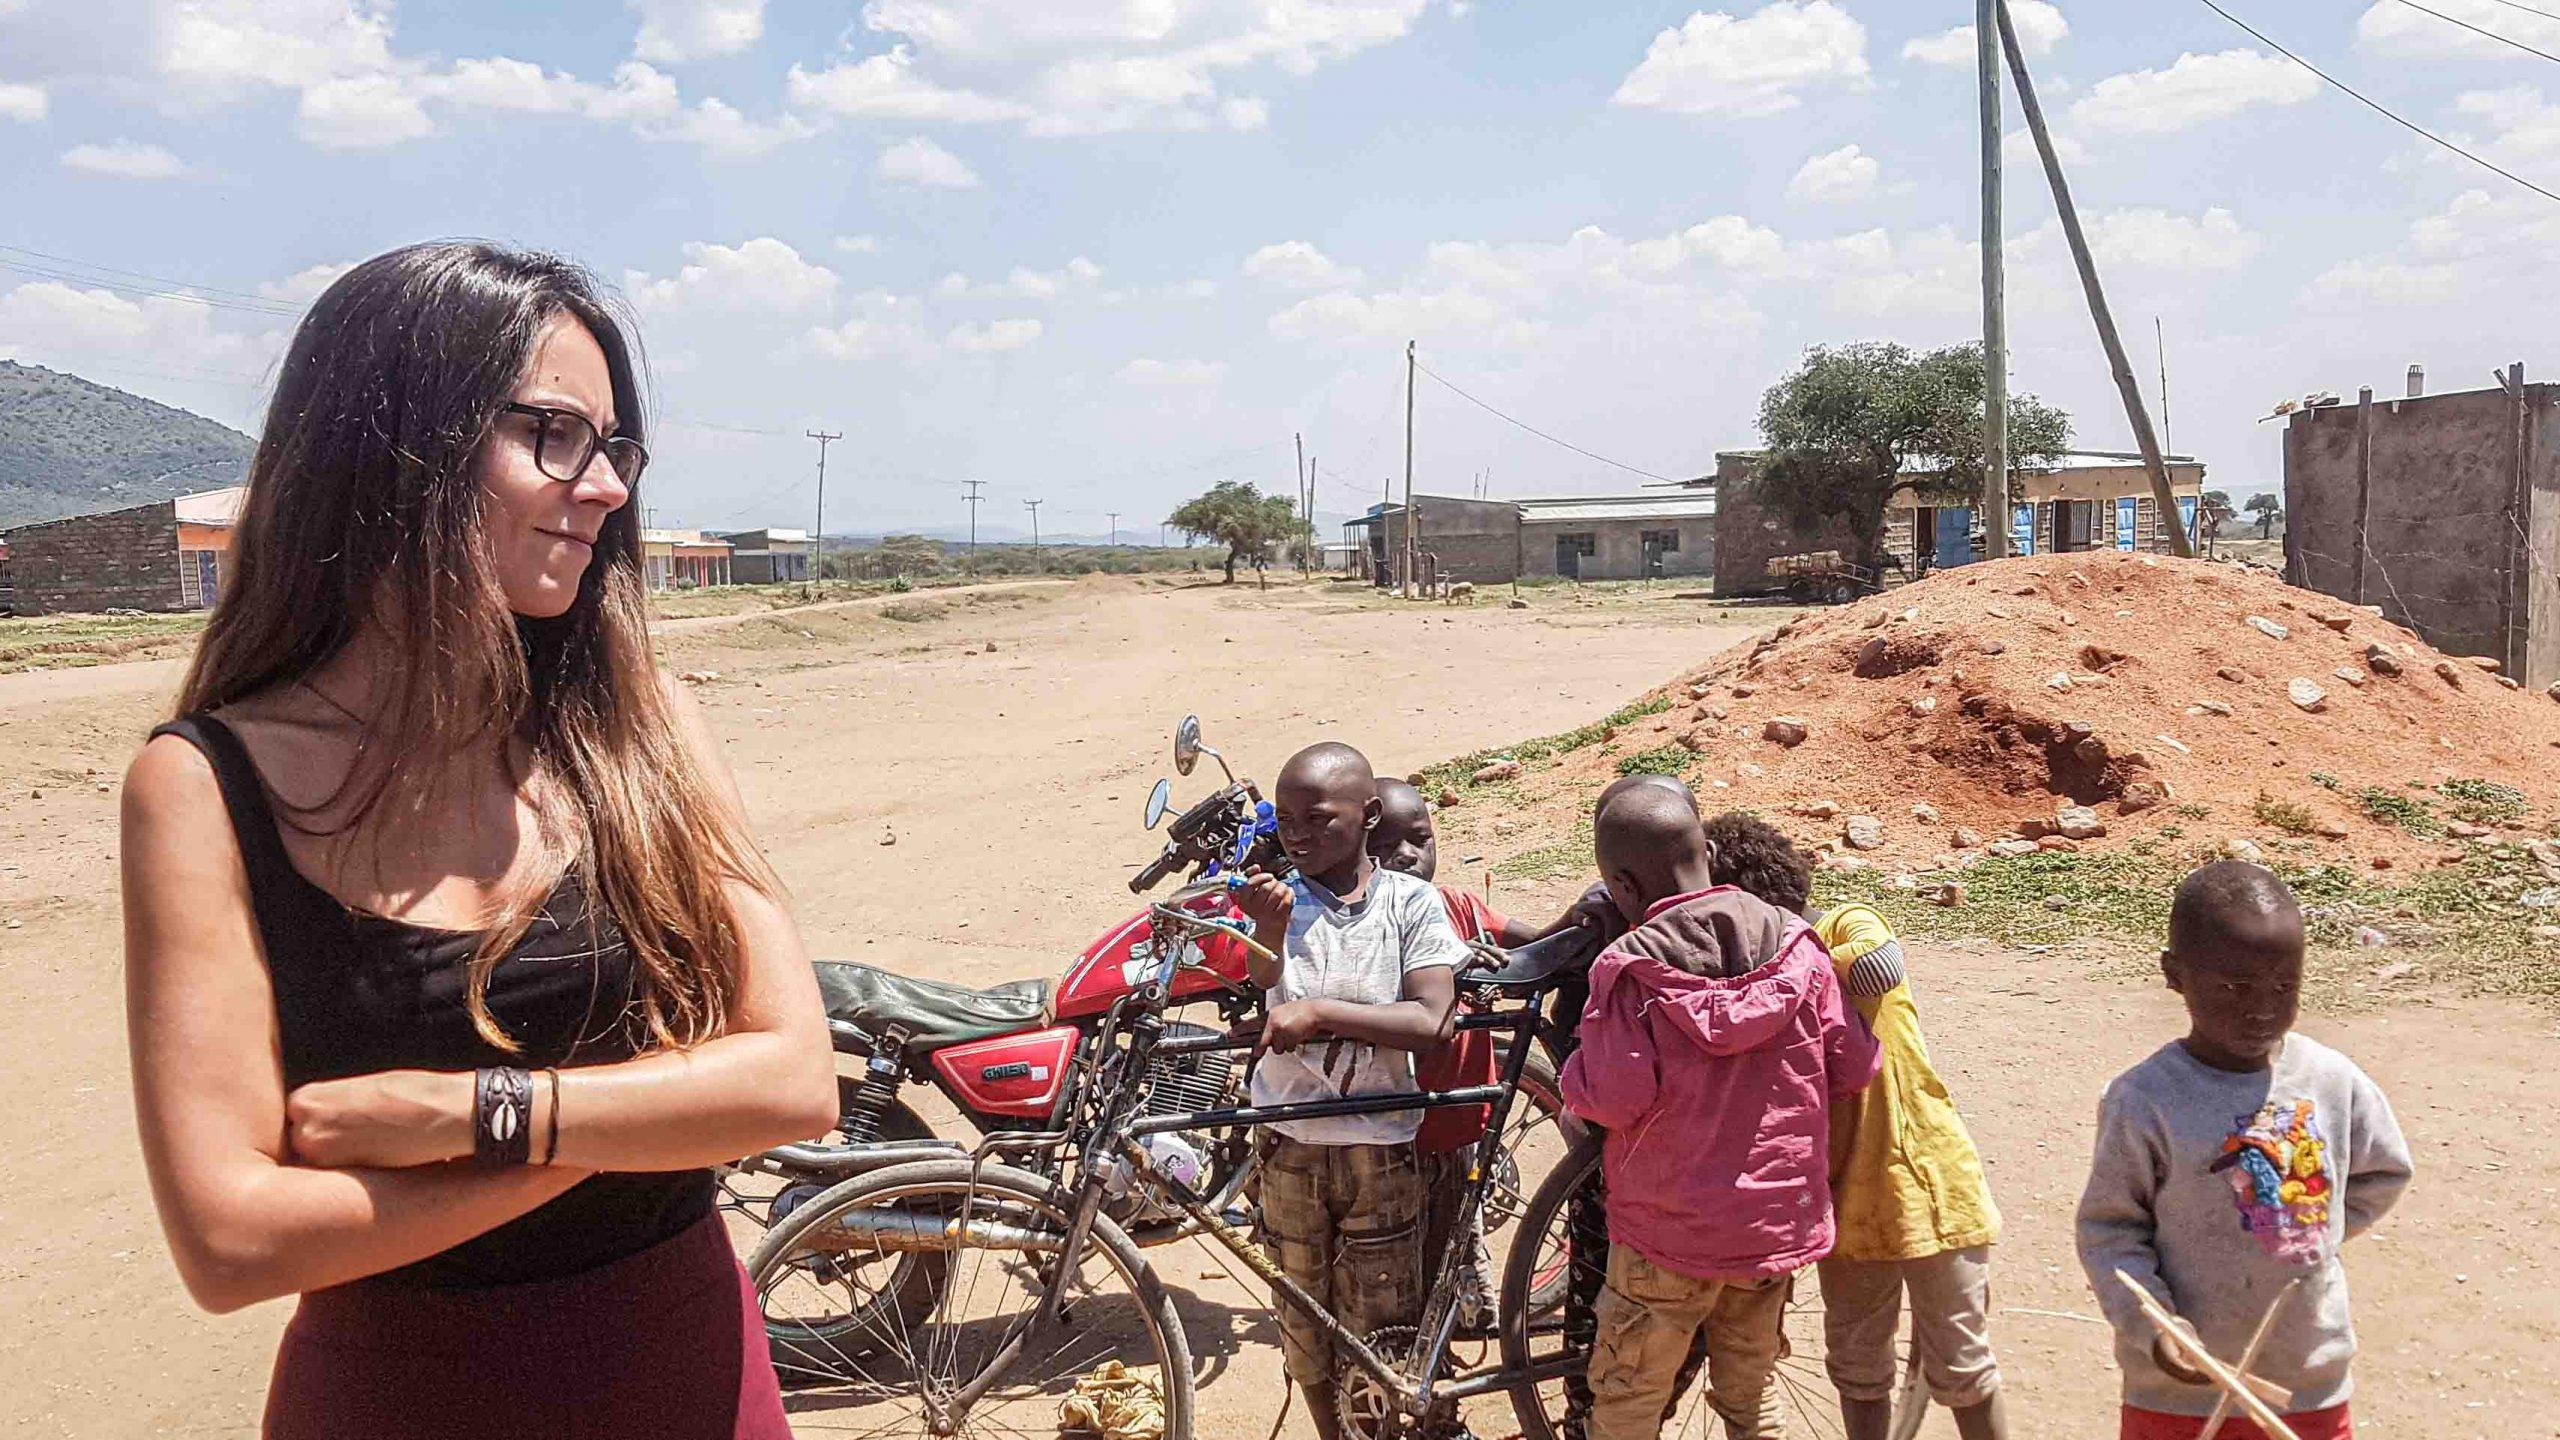 Un grupo de niños en un pueblo de Kenia